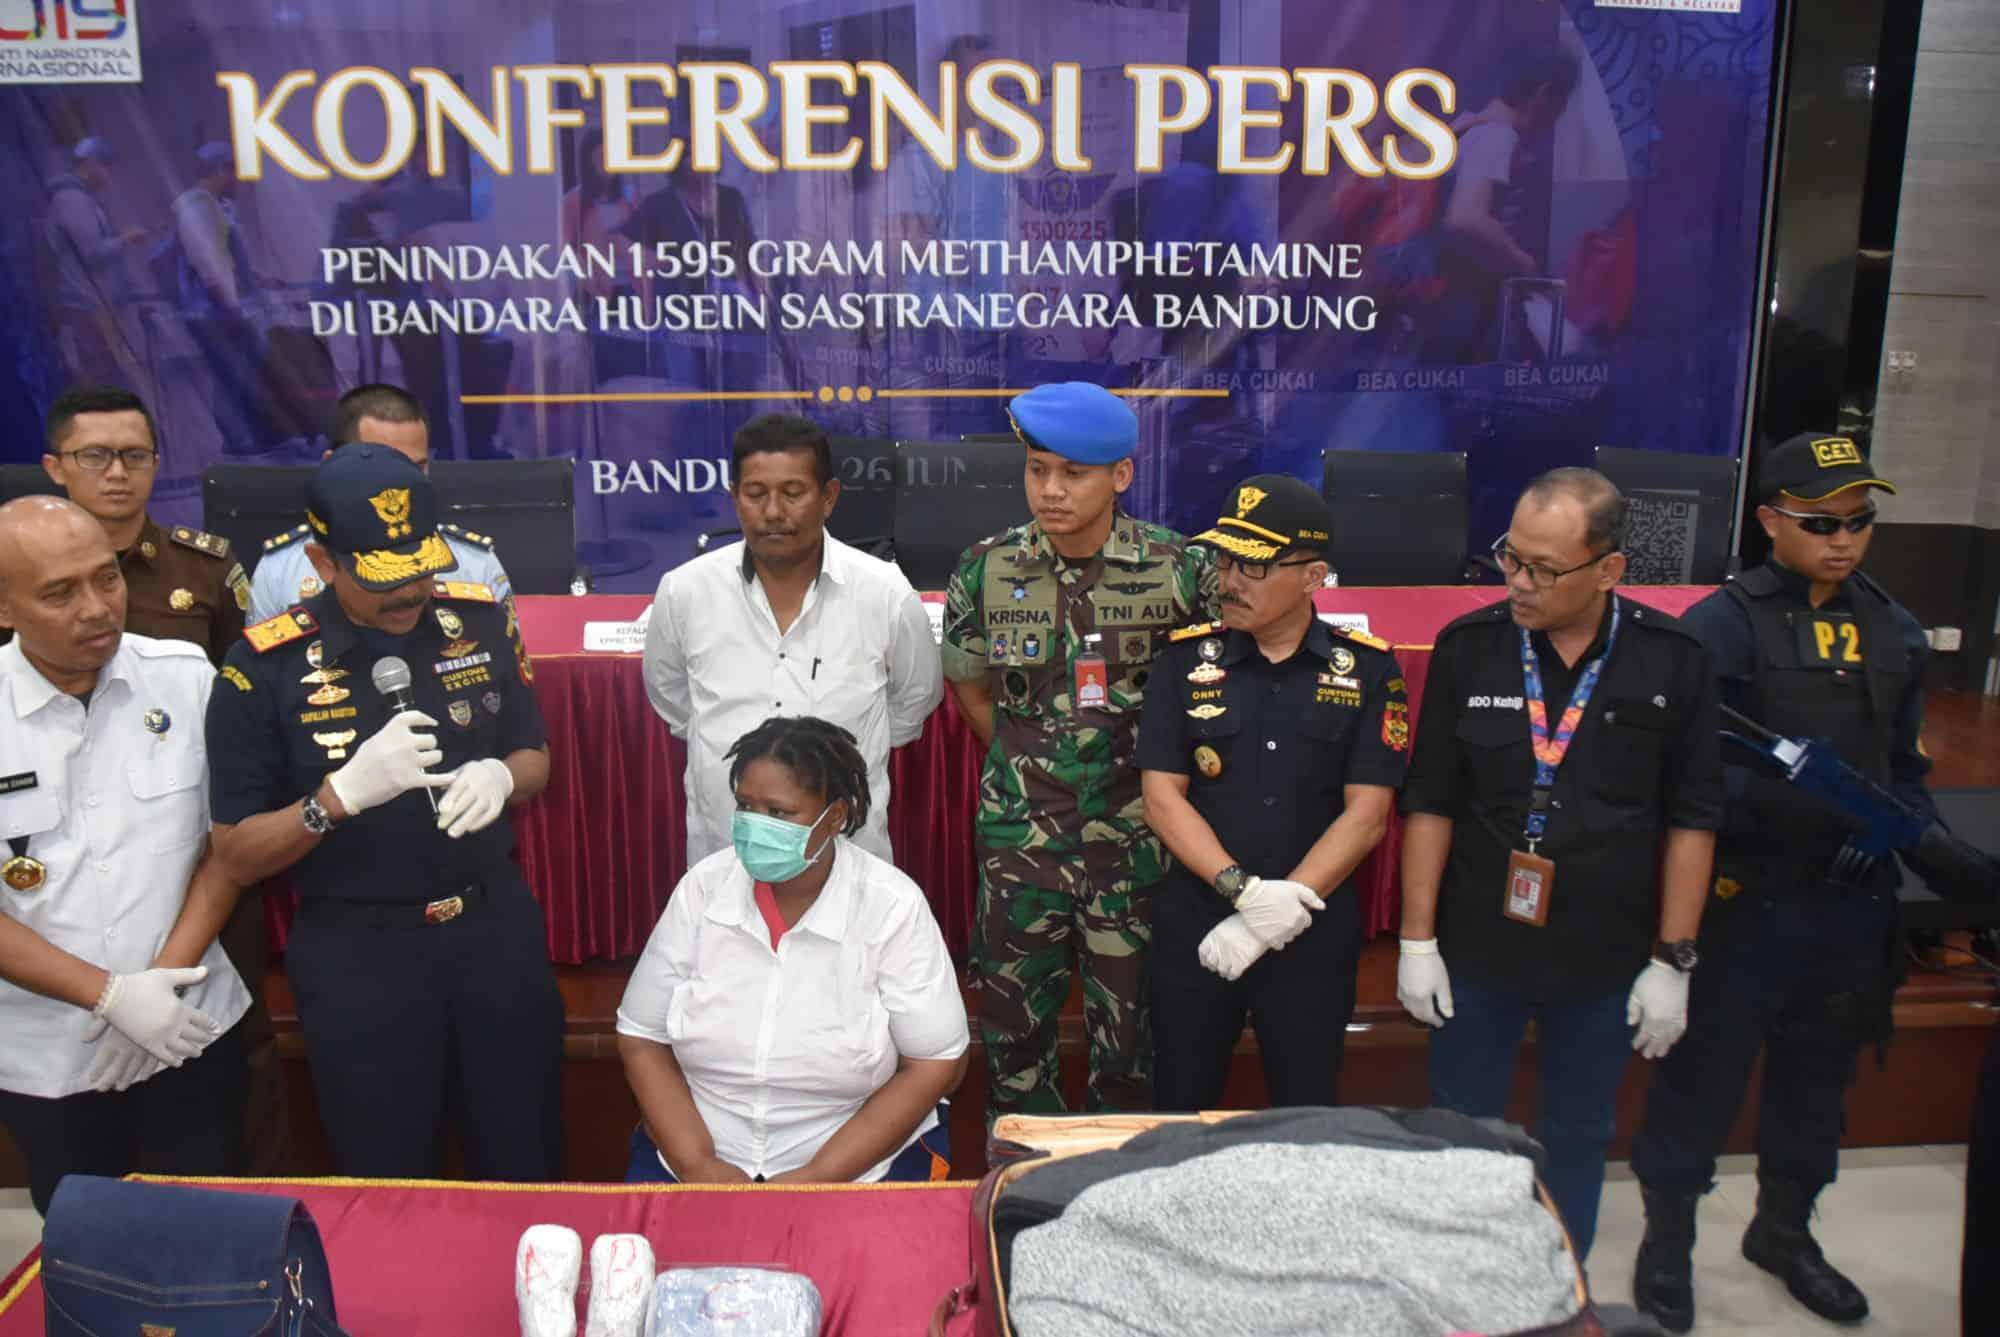 Lanud Husein Sastranegara Dan Bea Cukai Gagalkan Penyelundupan 1.595 Gram Methamphetamin